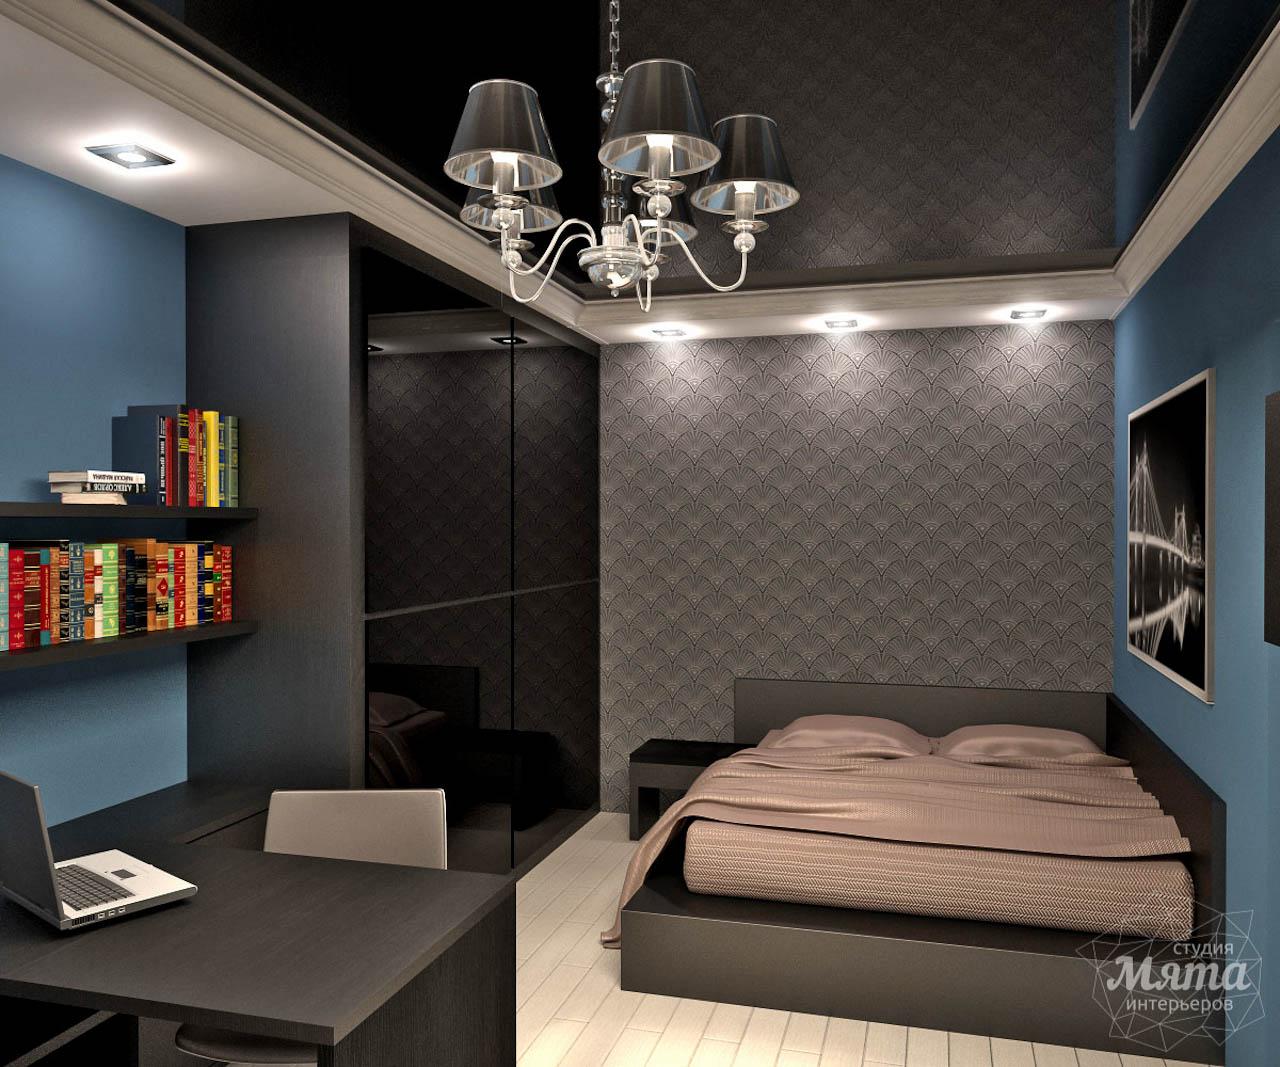 Дизайн интерьера и ремонт однокомнатной квартиры по ул. Комсомольская 45 img1188489825